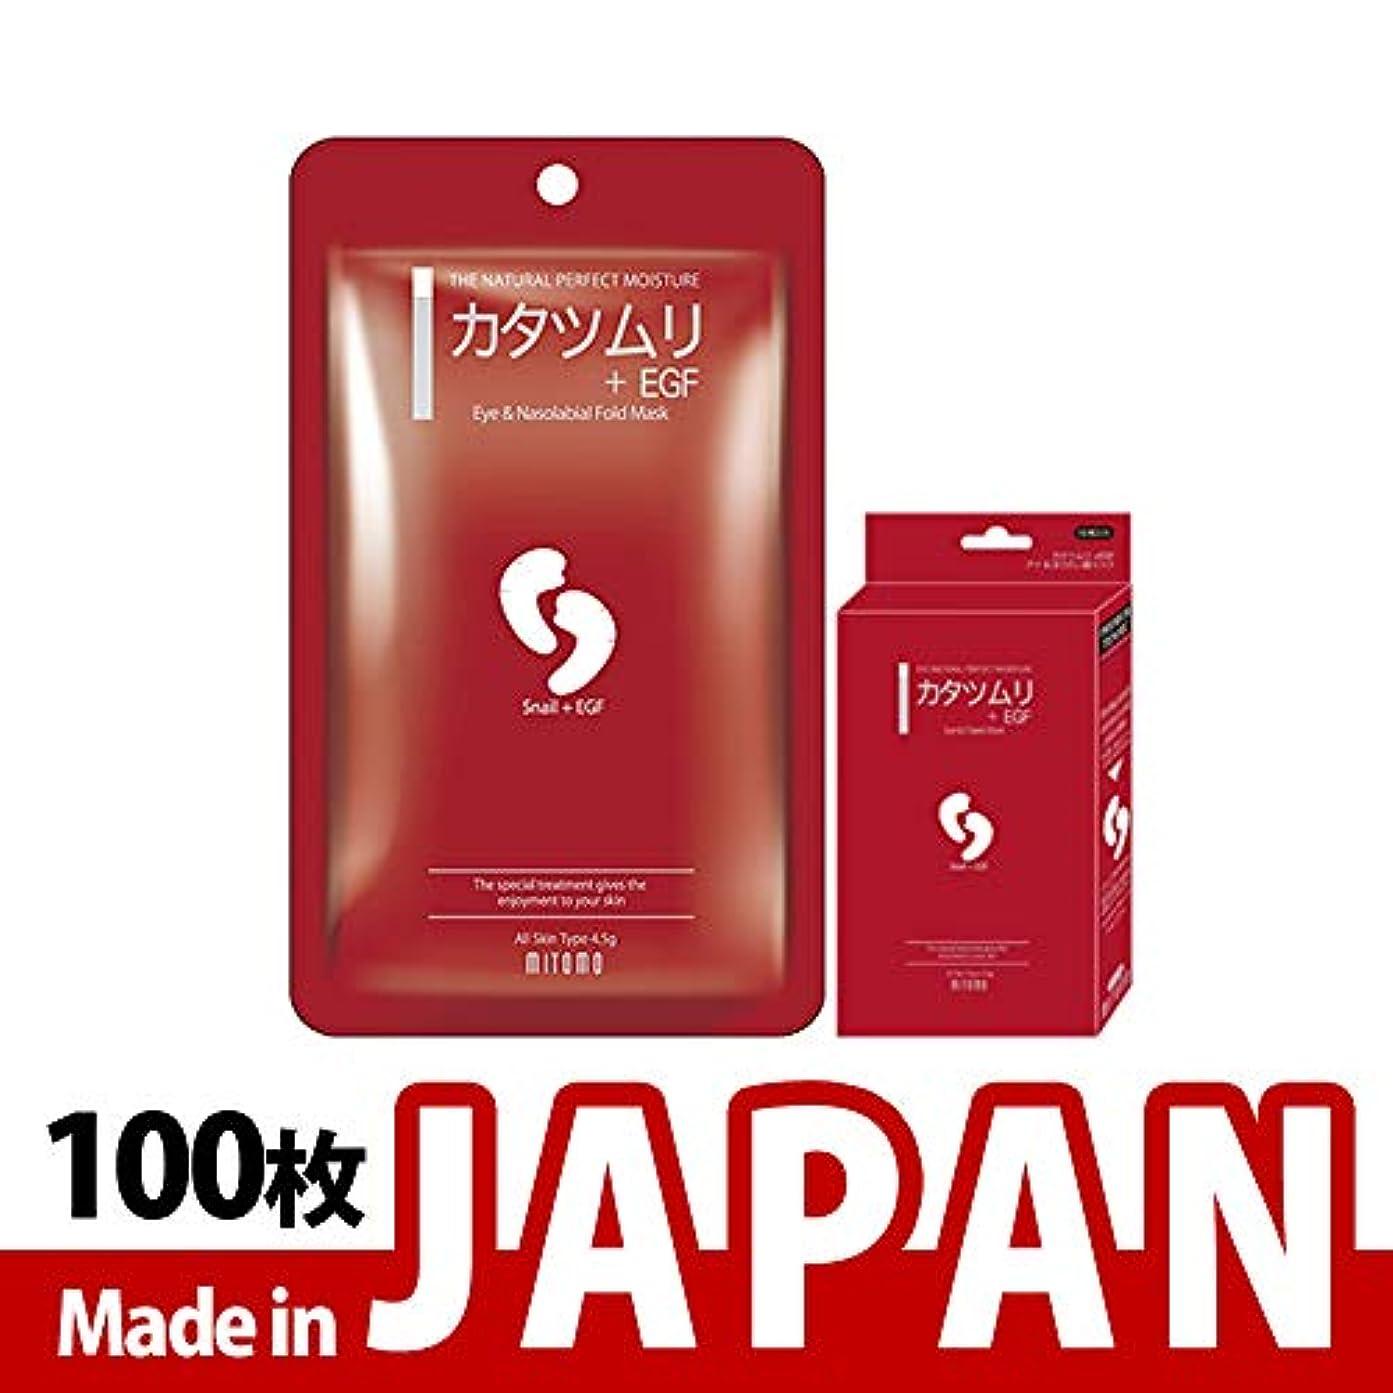 ノベルティ少なくとも並外れたMITOMO【MC002-C-0】日本製シートマスク/10枚入り/100枚/美容液/マスクパック/送料無料